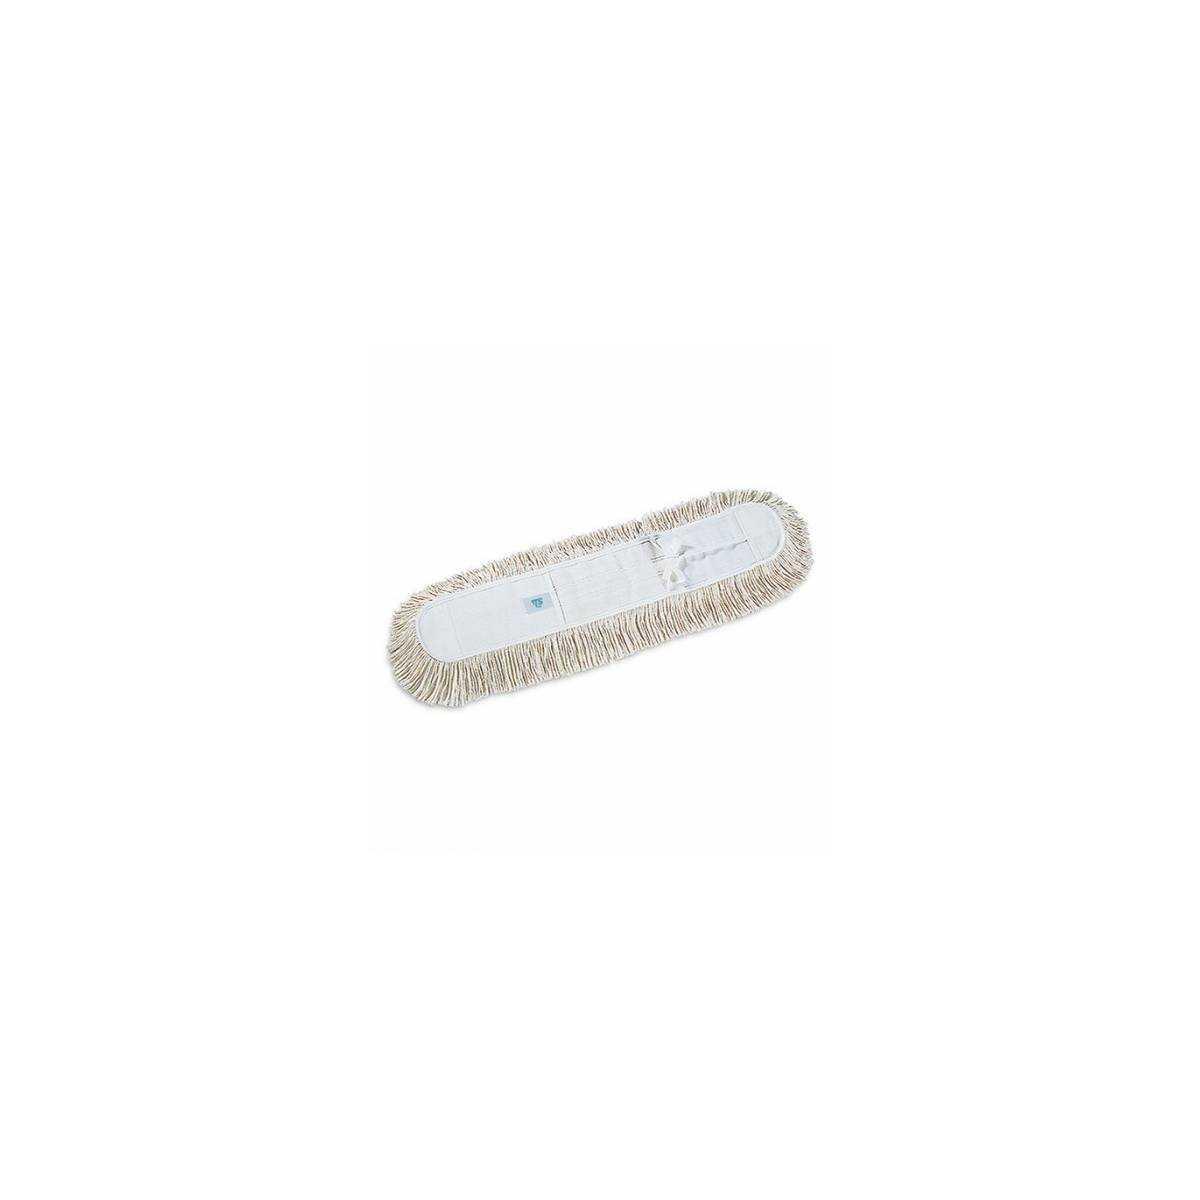 Моп (запаска) для сухой уборки хлопок 40см с завязками 251 TTS